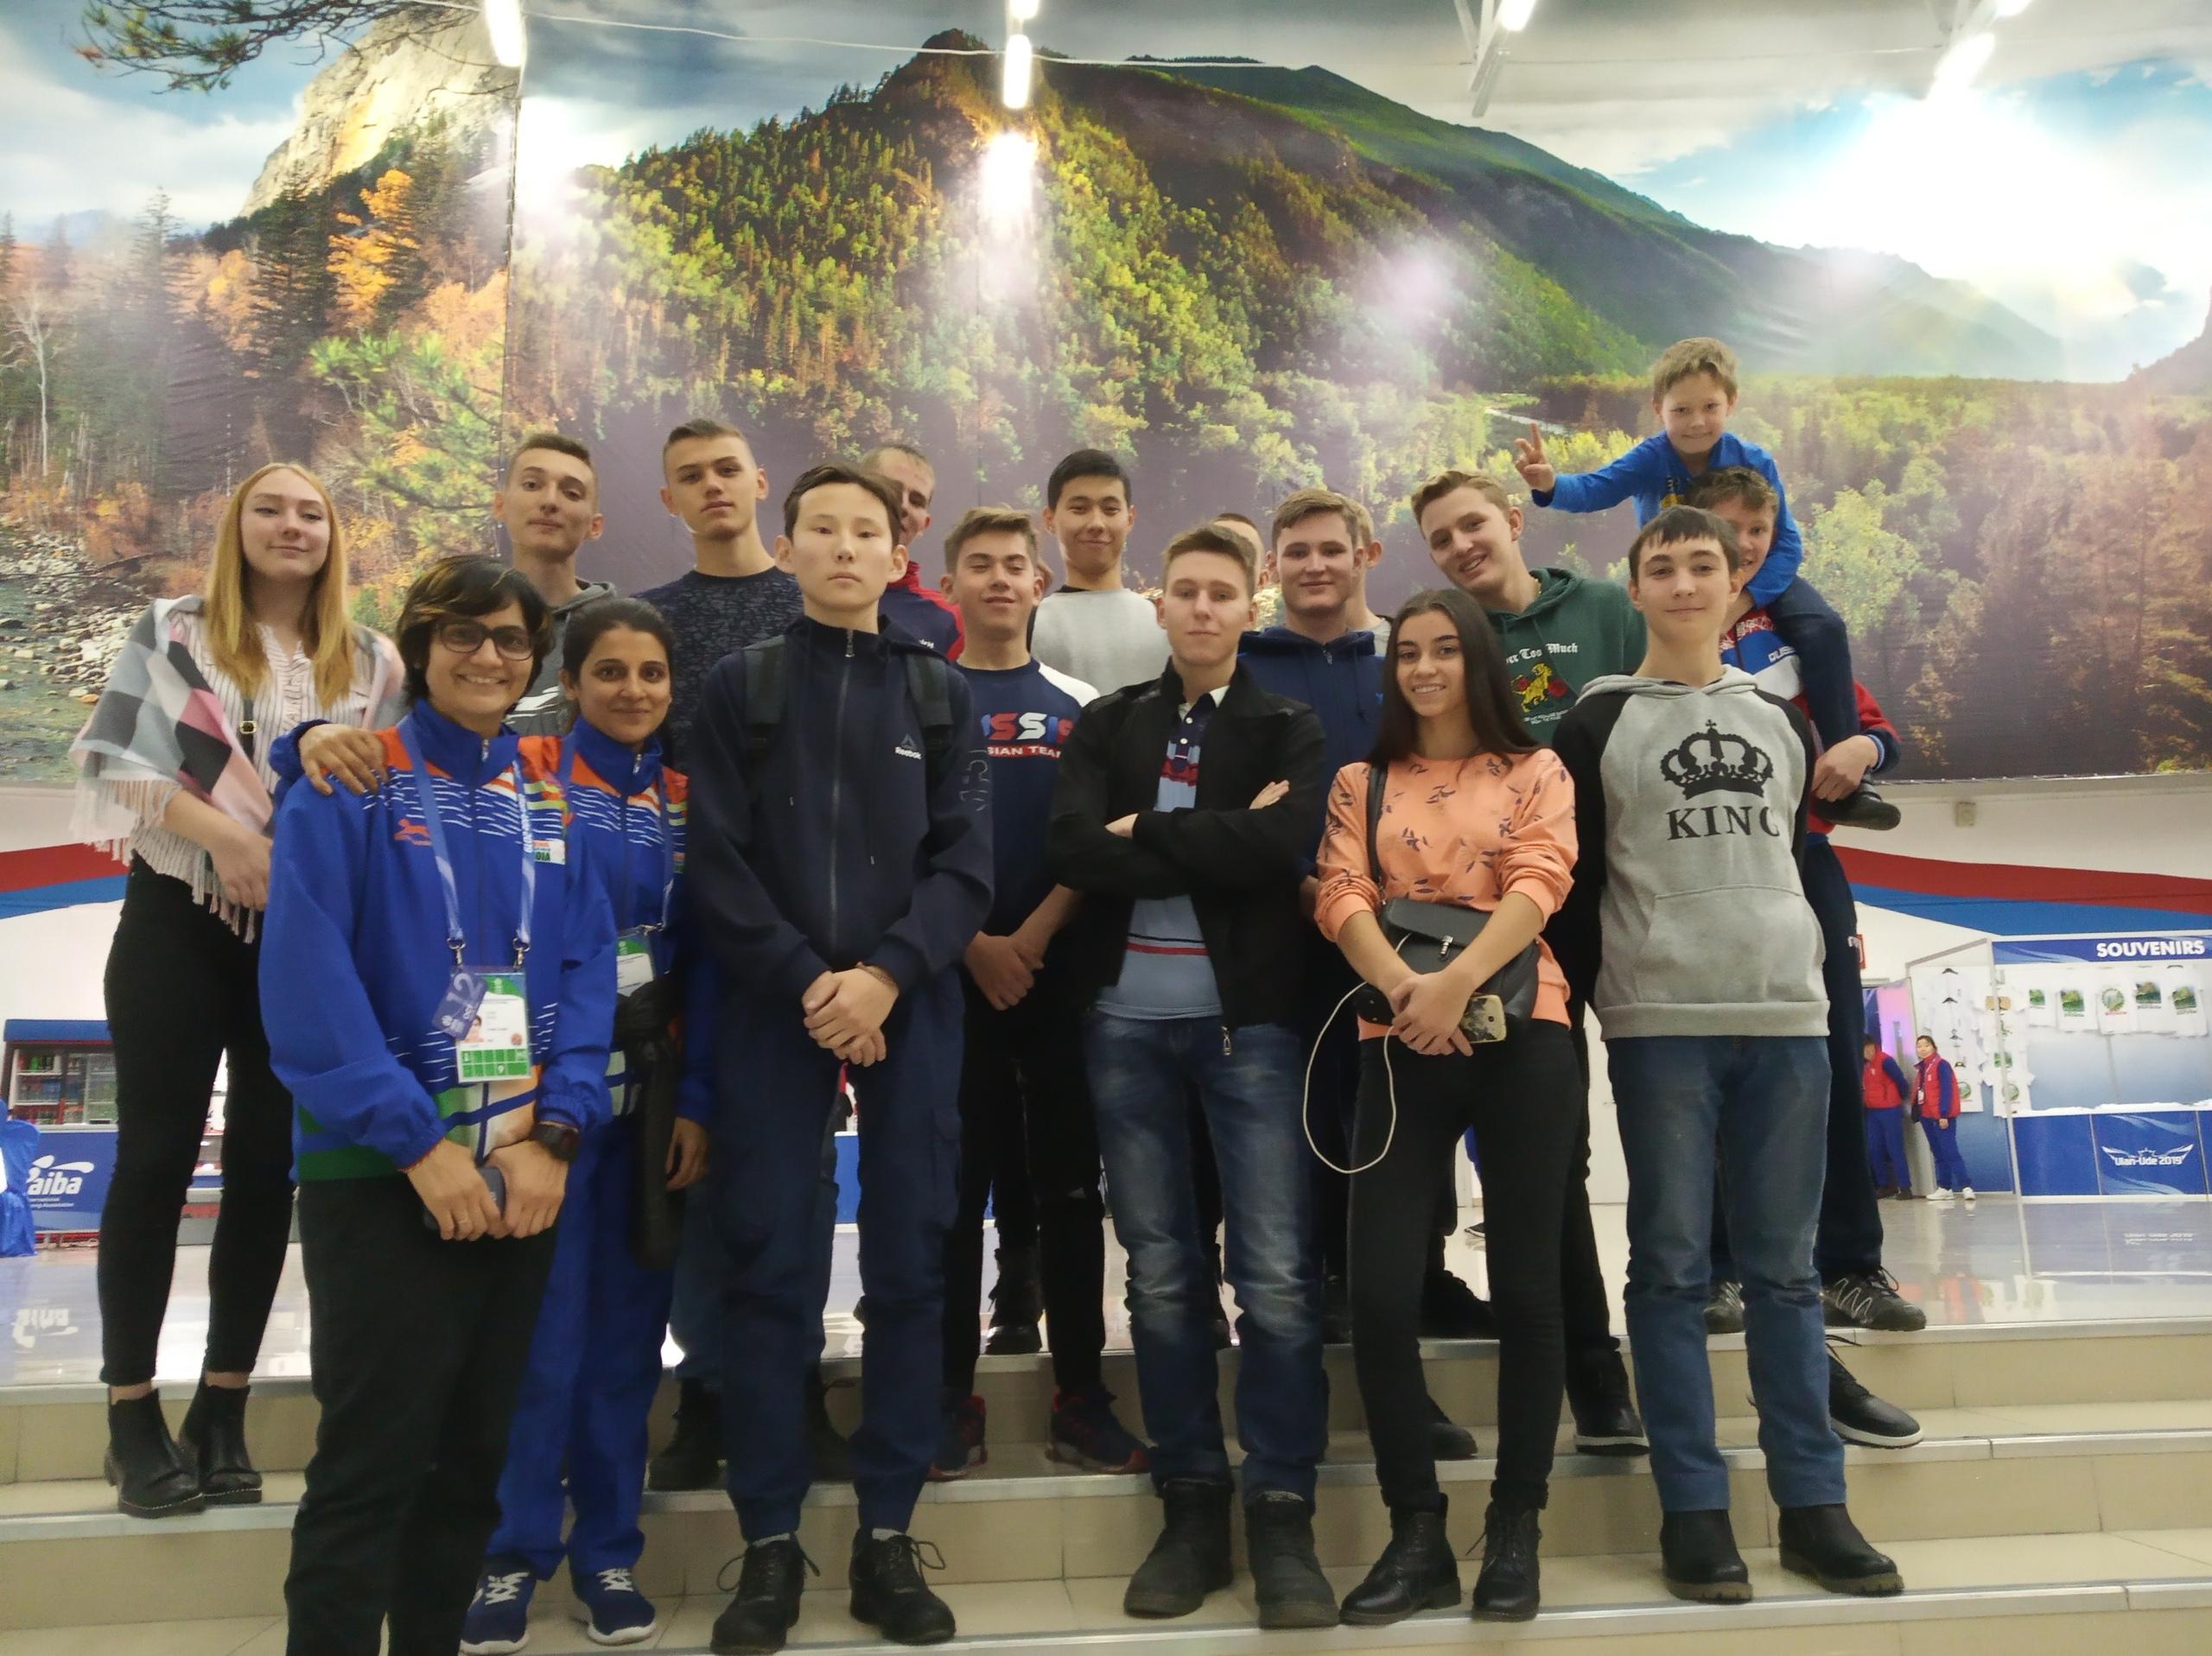 Студенты Авиационного техникума поддержали наших спортсменок на полуфинале ЧМ по боксу среди женщин